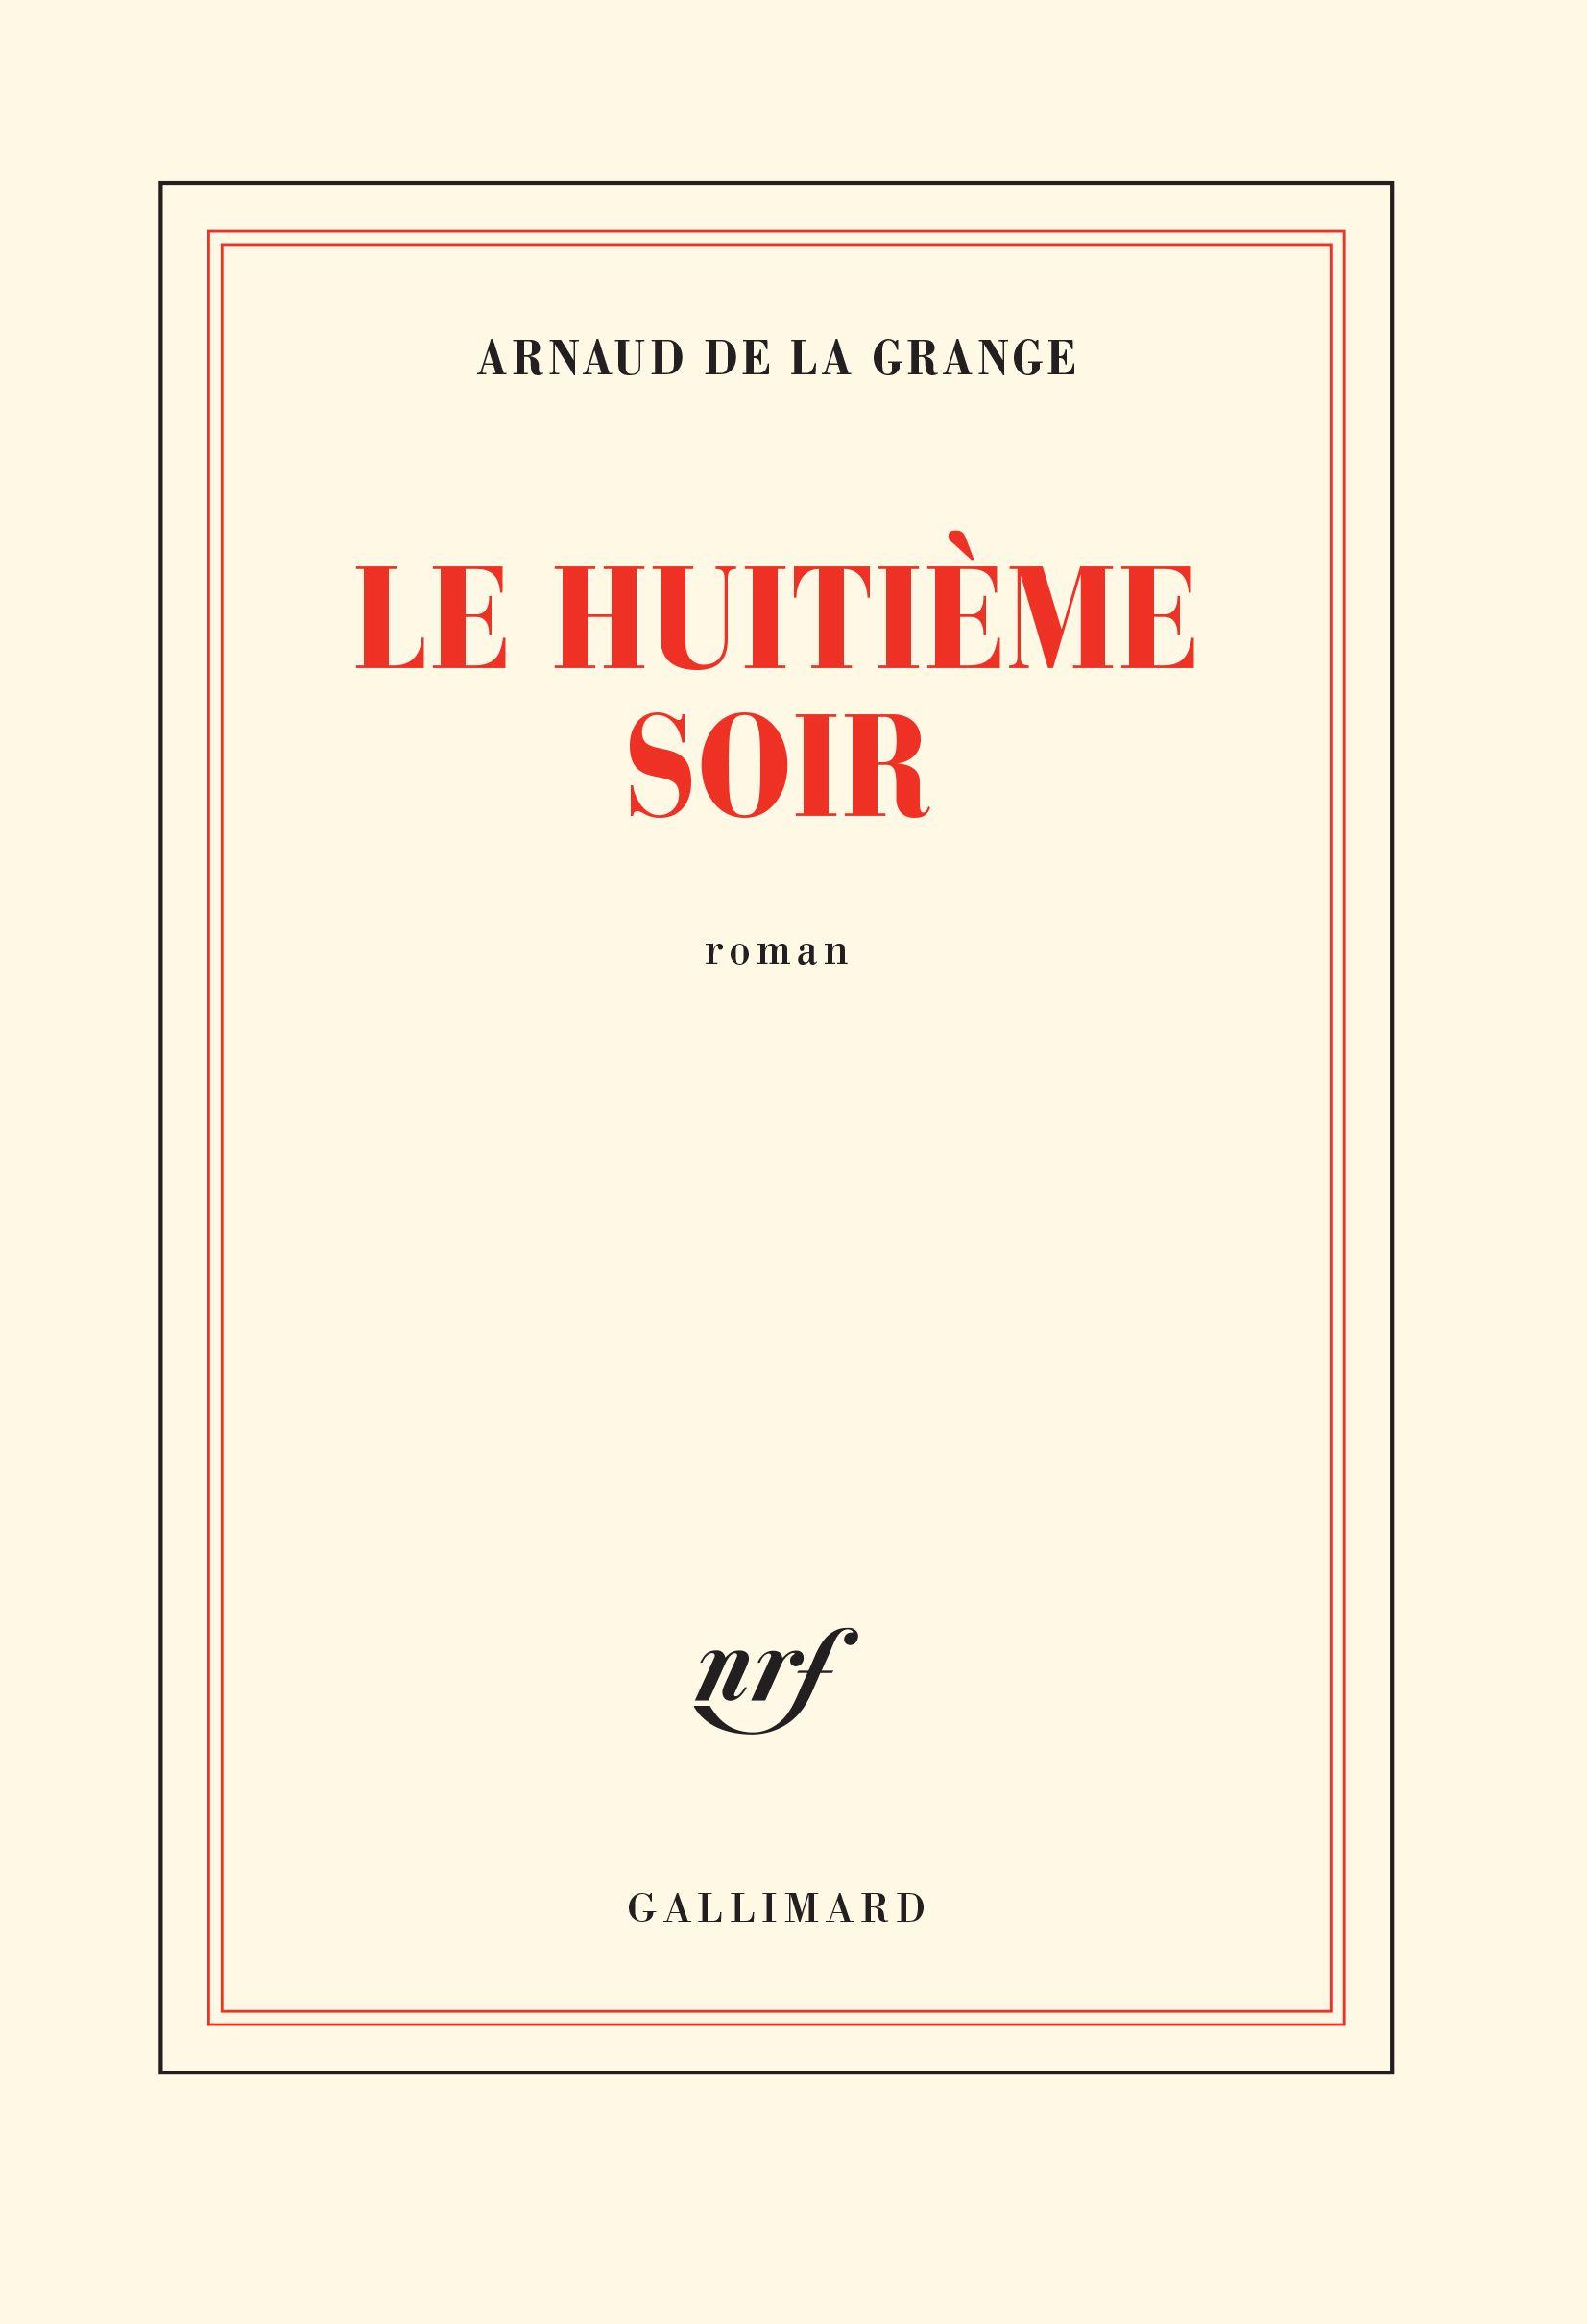 """""""Le huitième soir"""" d'Arnaud de la Grange -  Voyage au bout de l'enfer. Un très beau livre, vrai, profond"""